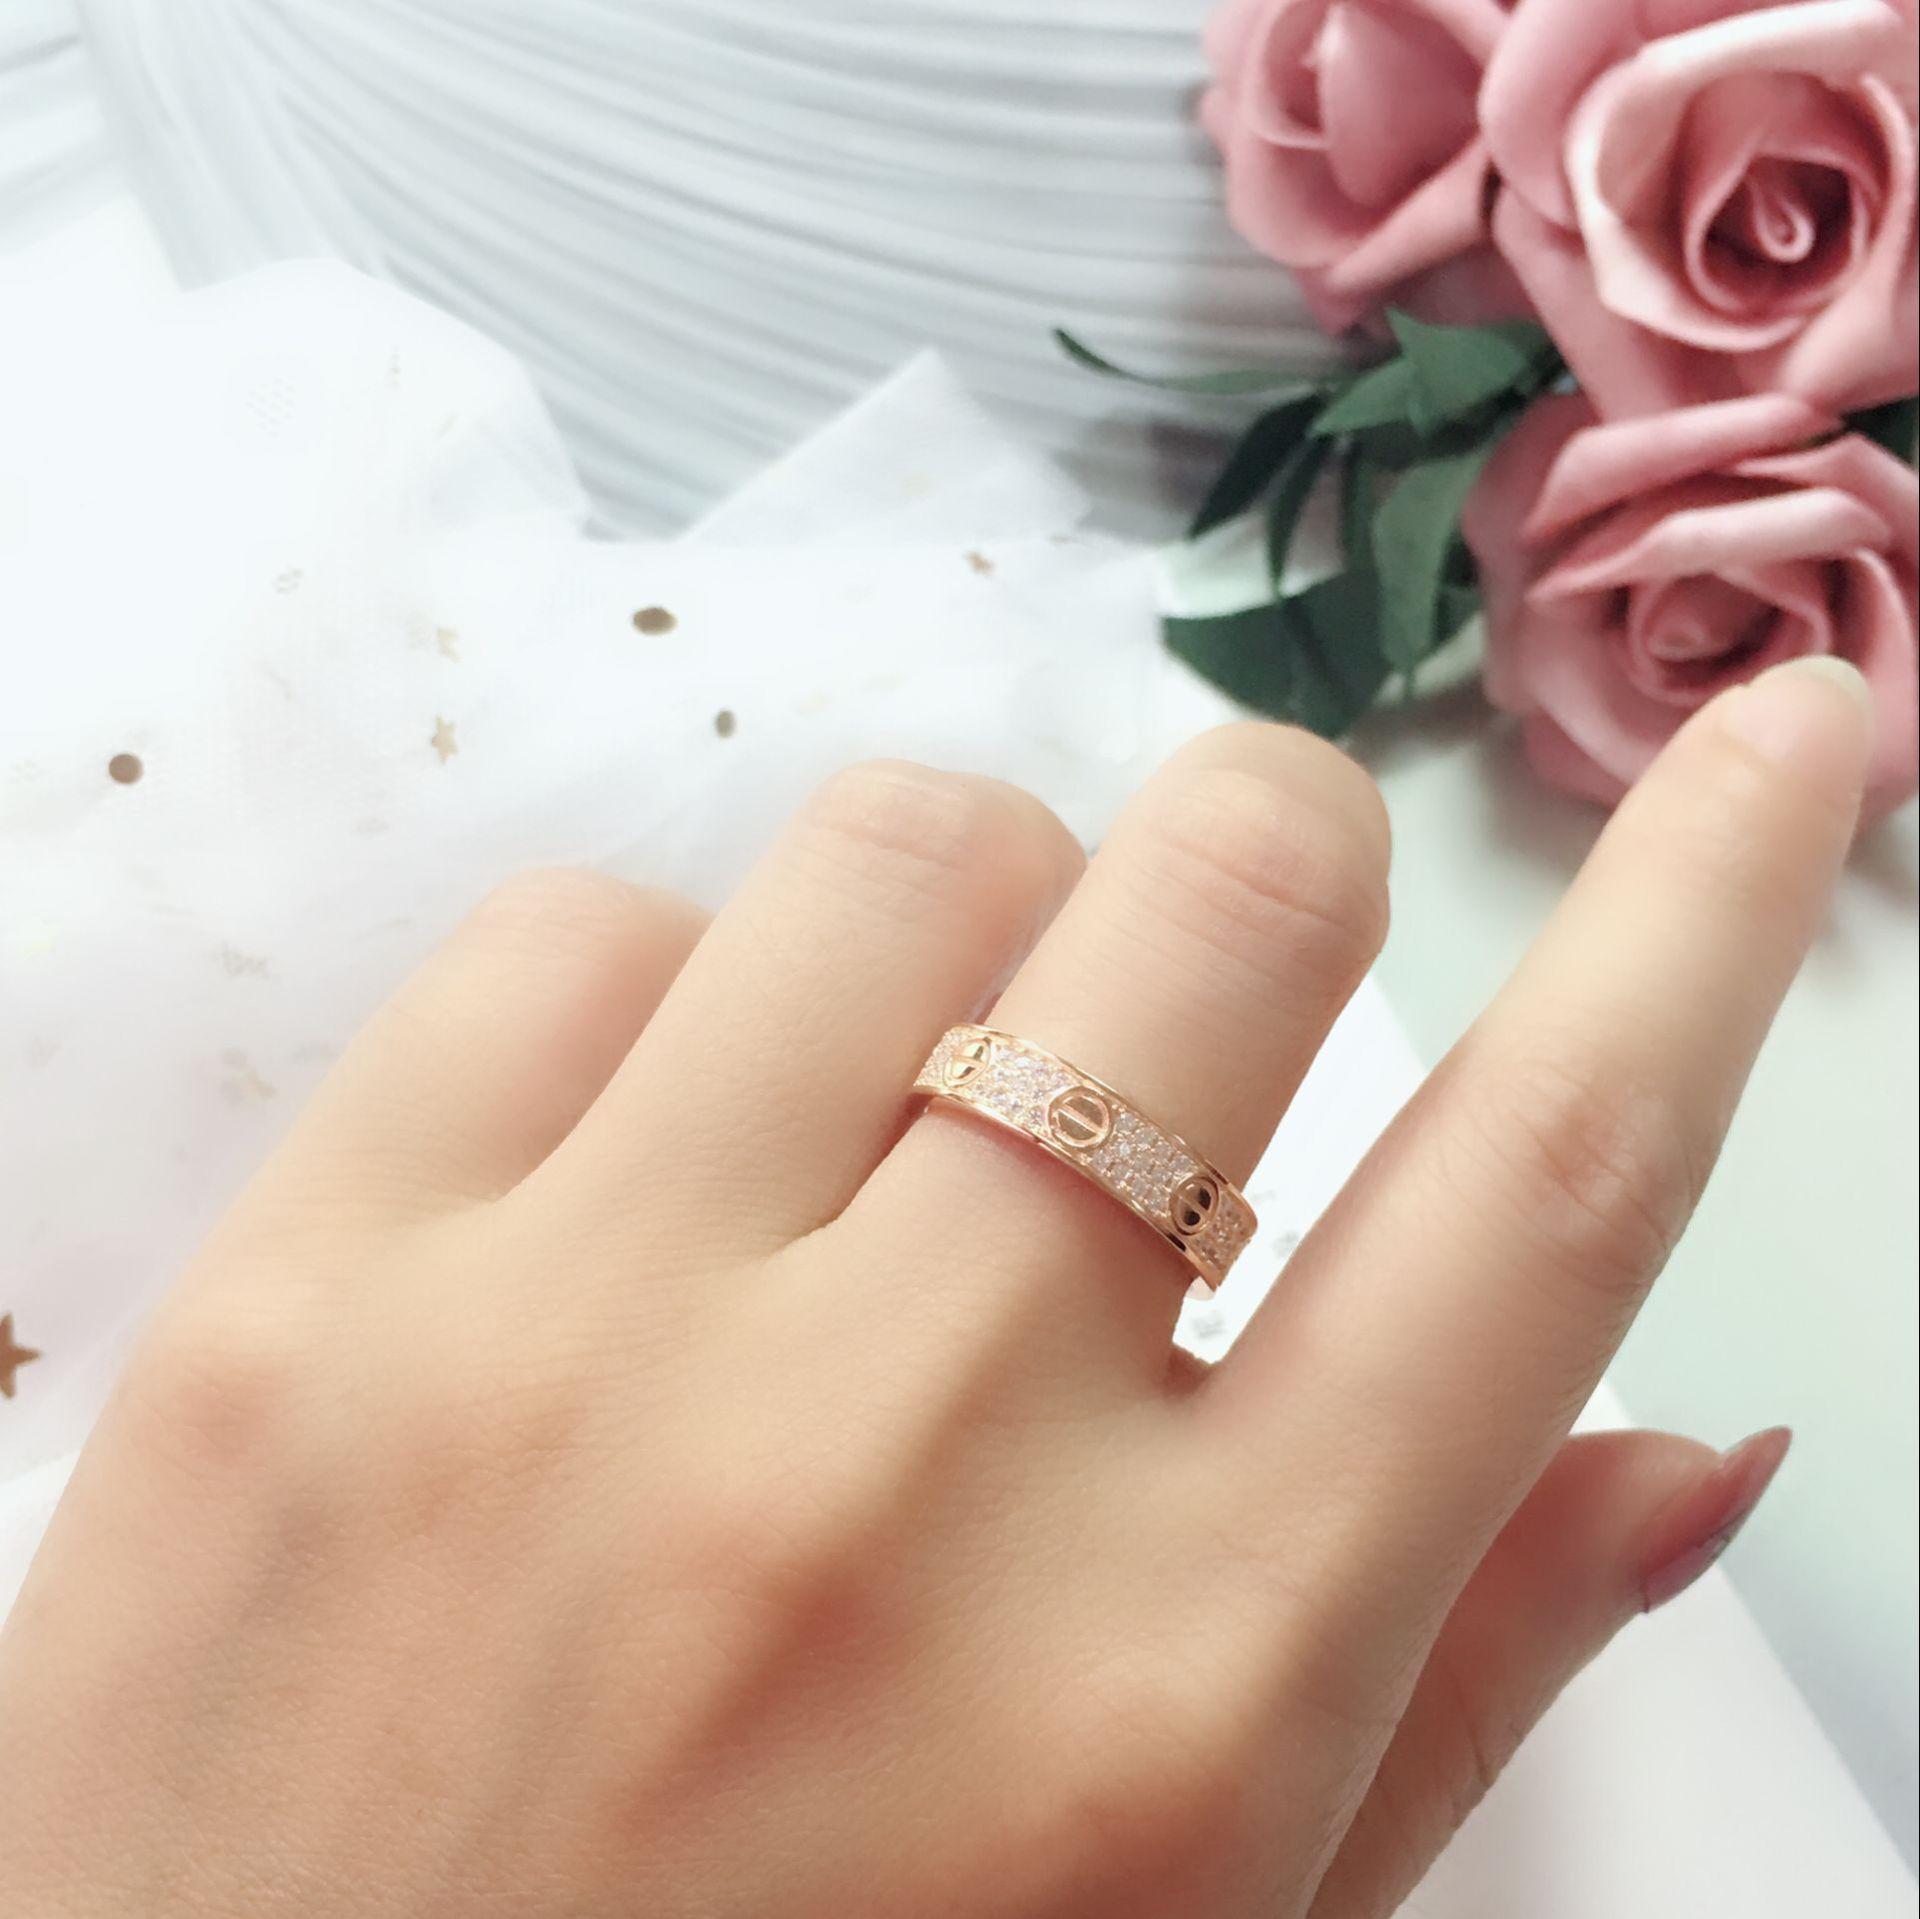 الفاخرة كامل الماس الحب خواتم الفولاذ المقاوم للصدأ روز الذهب زوجين باند خواتم الأزياء الفضة 18K الذهب عشاق خواتم للنساء الرجال المجوهرات الجميلة